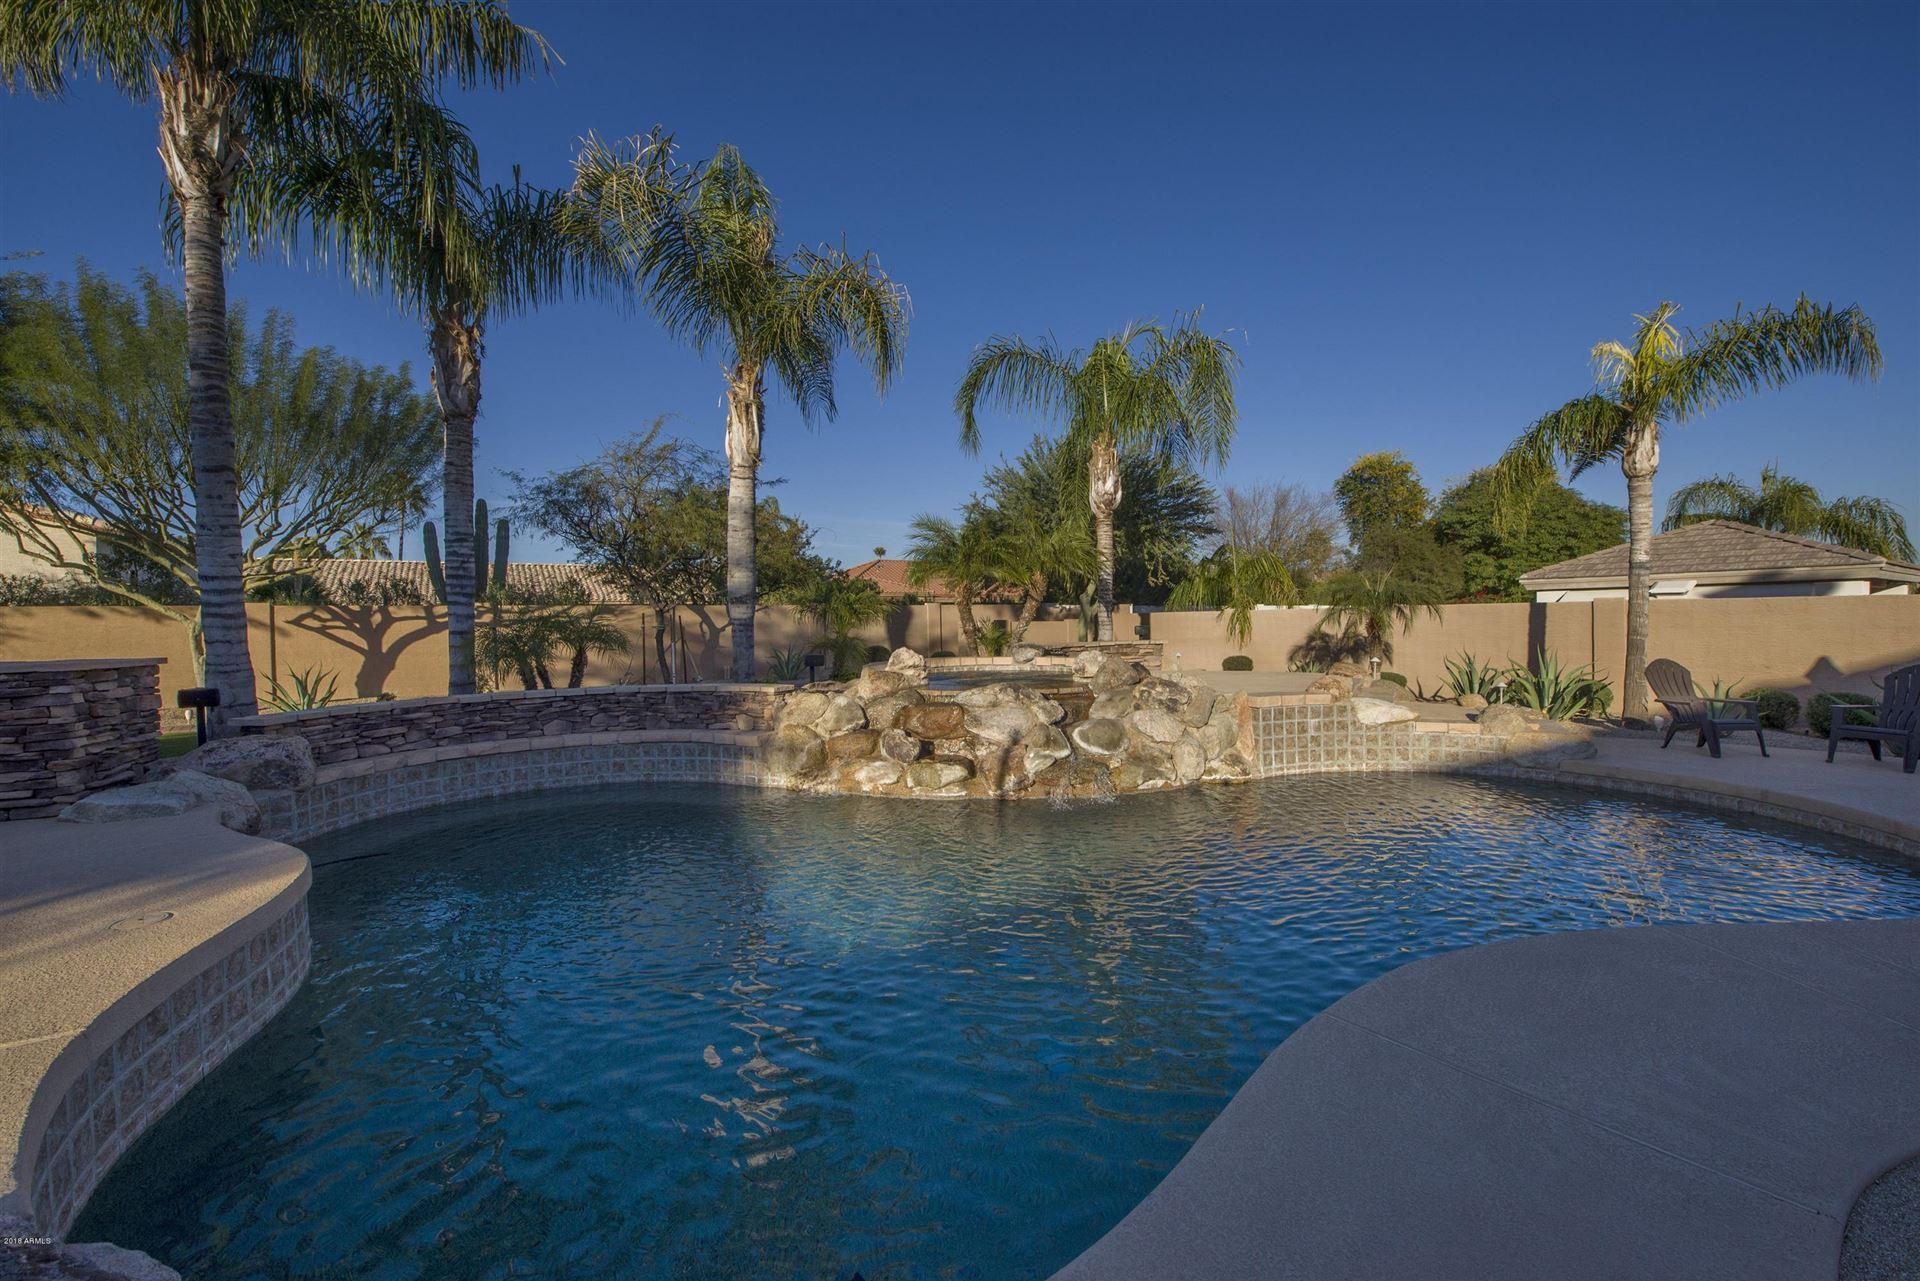 Photo of 4548 W Mariposa Grande Lane, Glendale, AZ 85310 (MLS # 6307181)